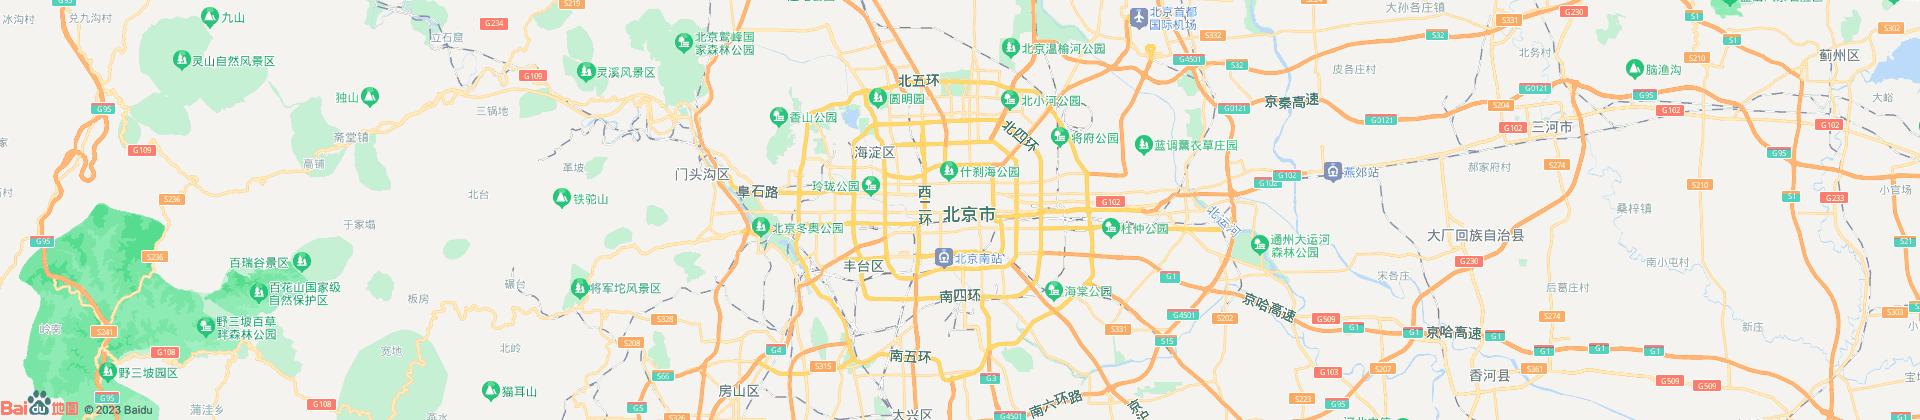 天津市AG手机客户端科技有限公司